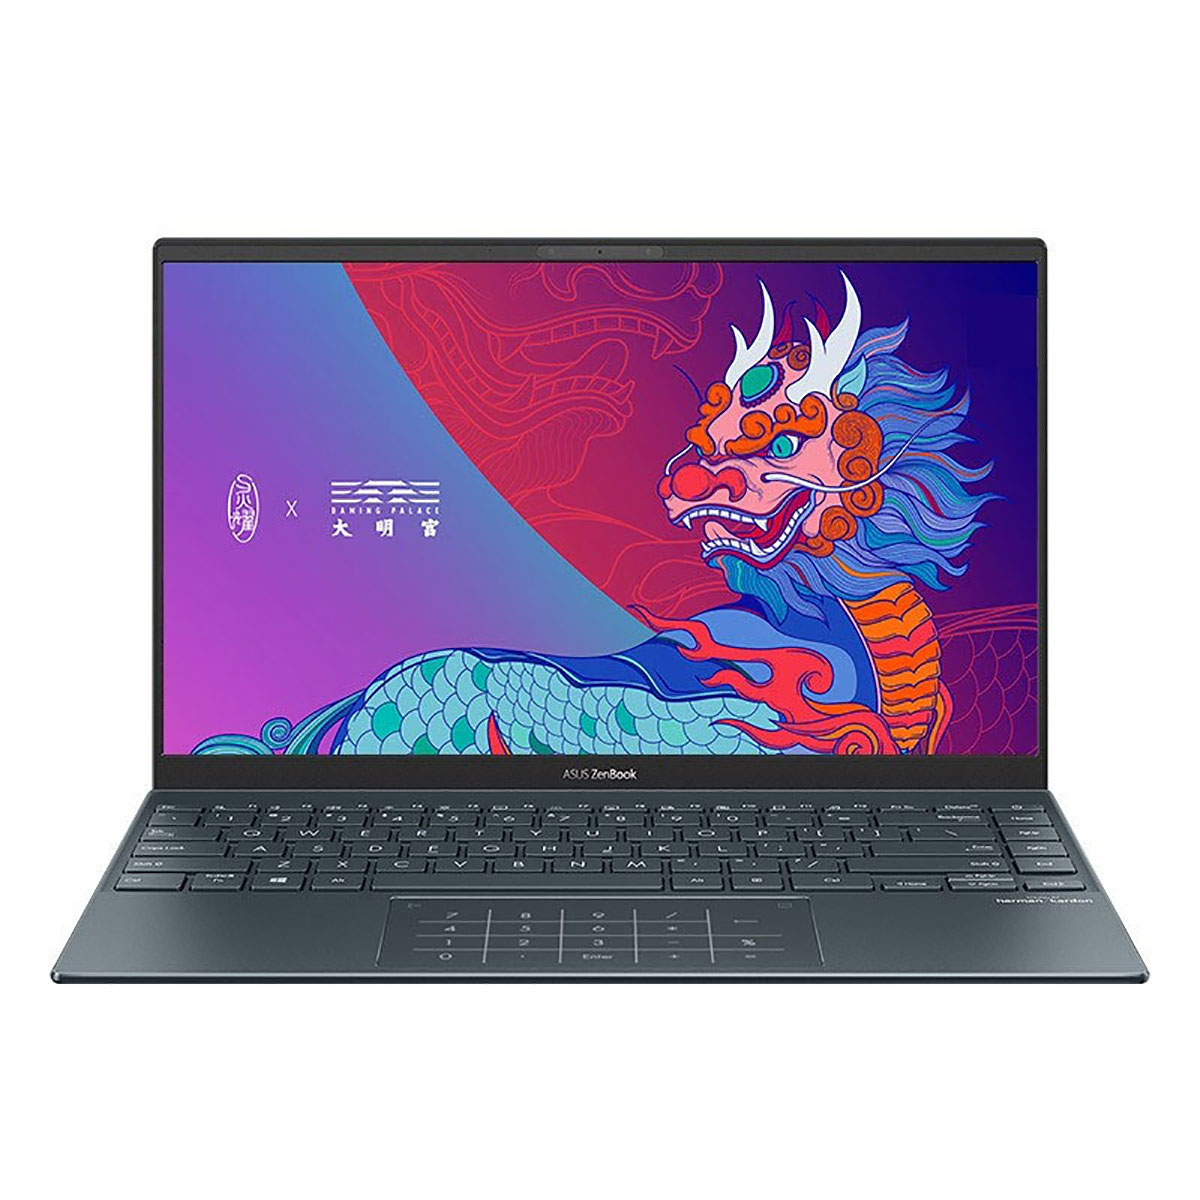 灵耀14s 【包鼠五件套】十一代酷睿i5/i7 轻薄本笔记本电脑